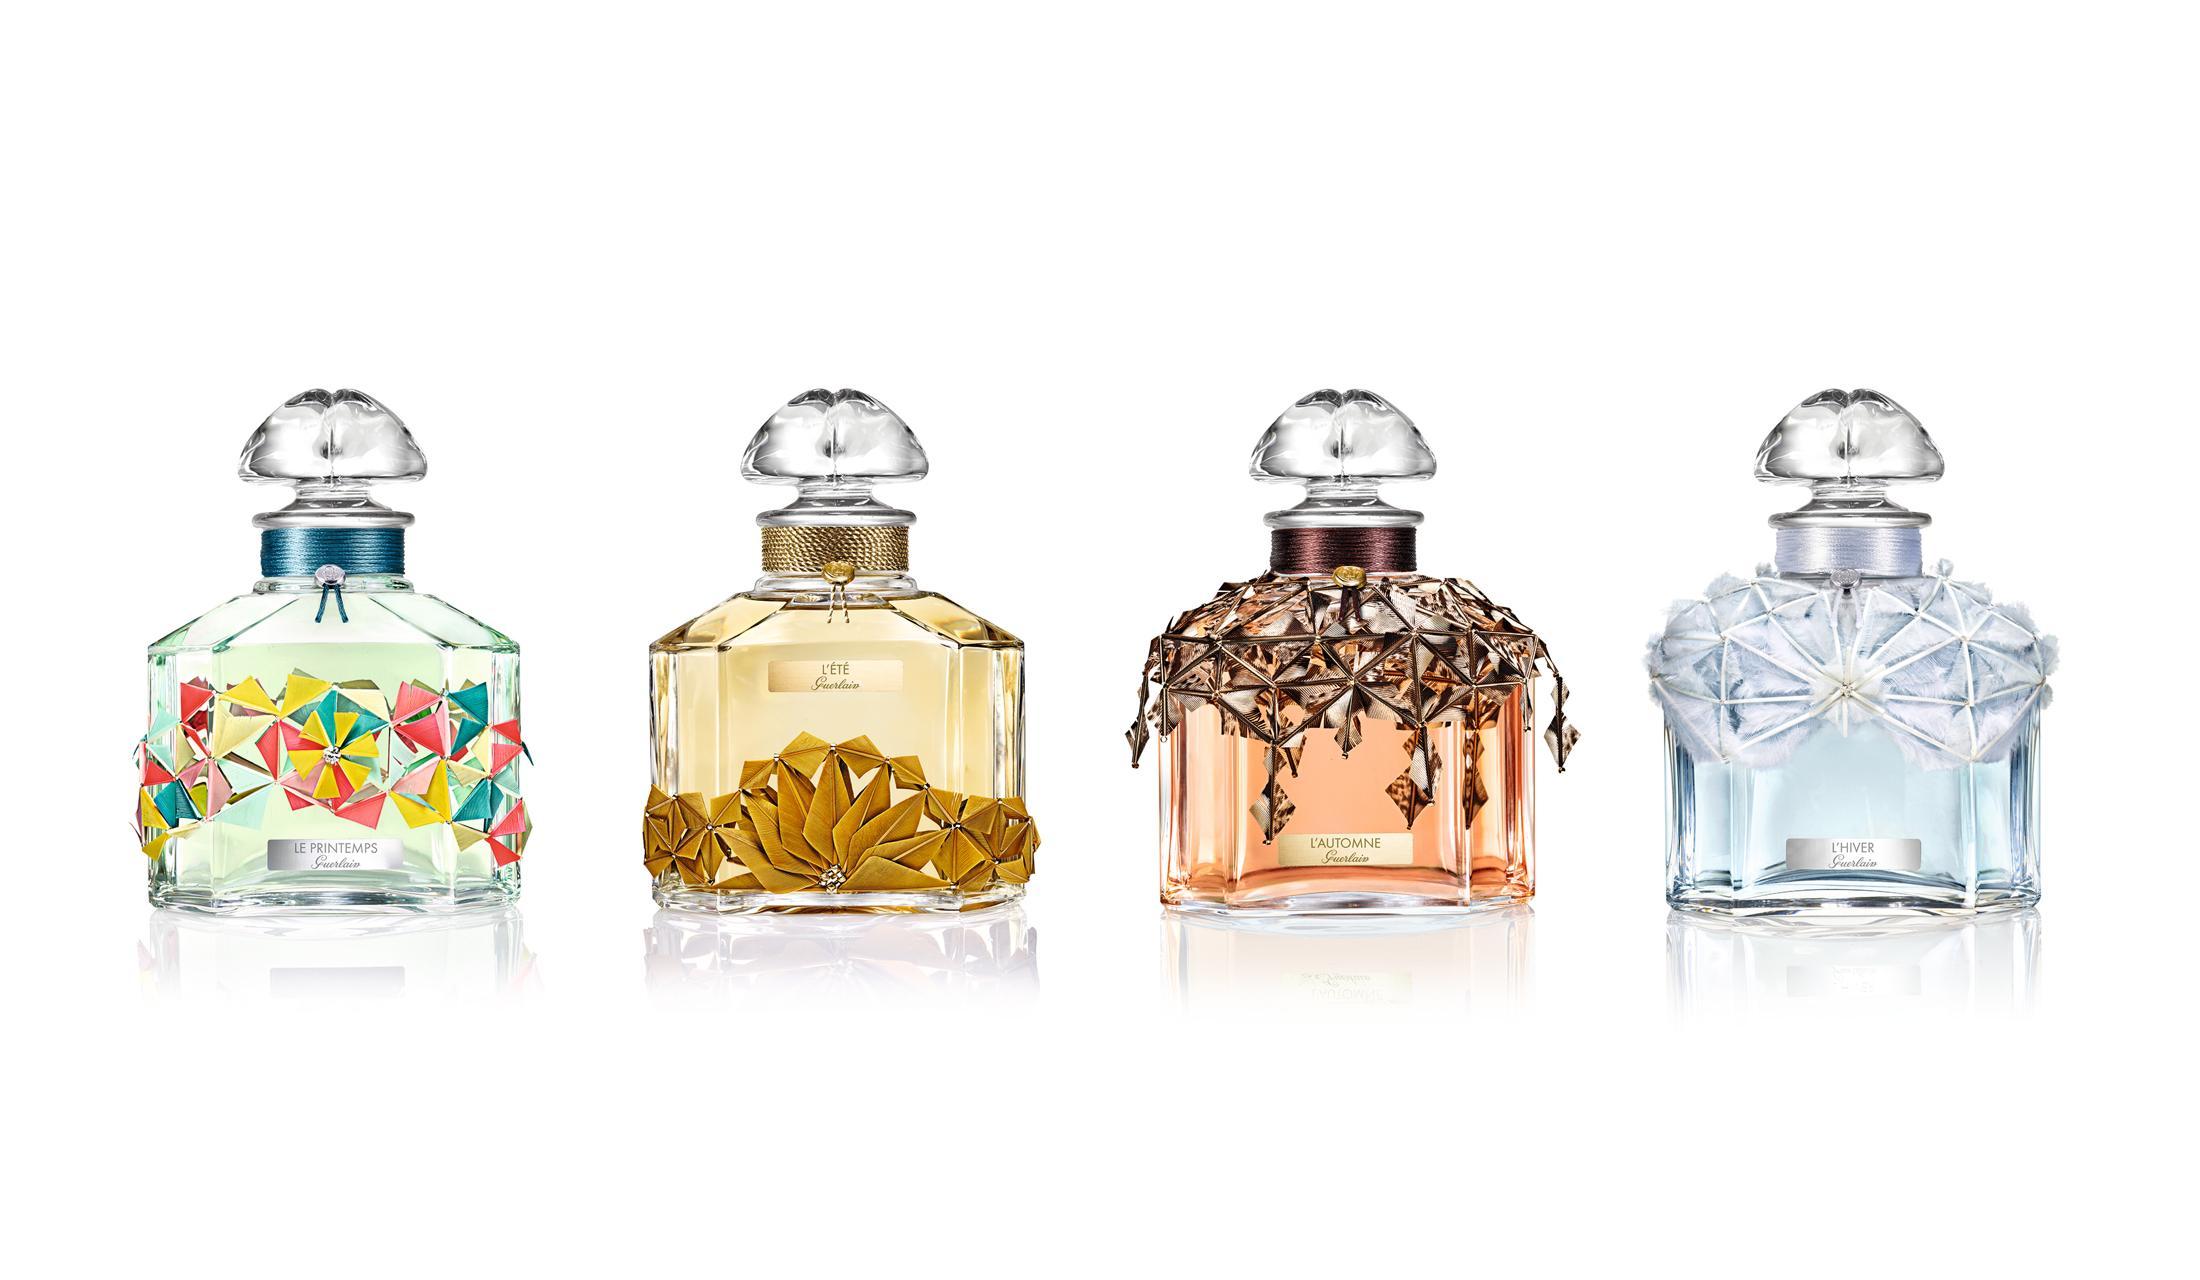 香りで四季を表現した4種の限定フレグランス。美しいボトルは、パリで話題のフェザー アーティストとのコラボレーションによるもの。